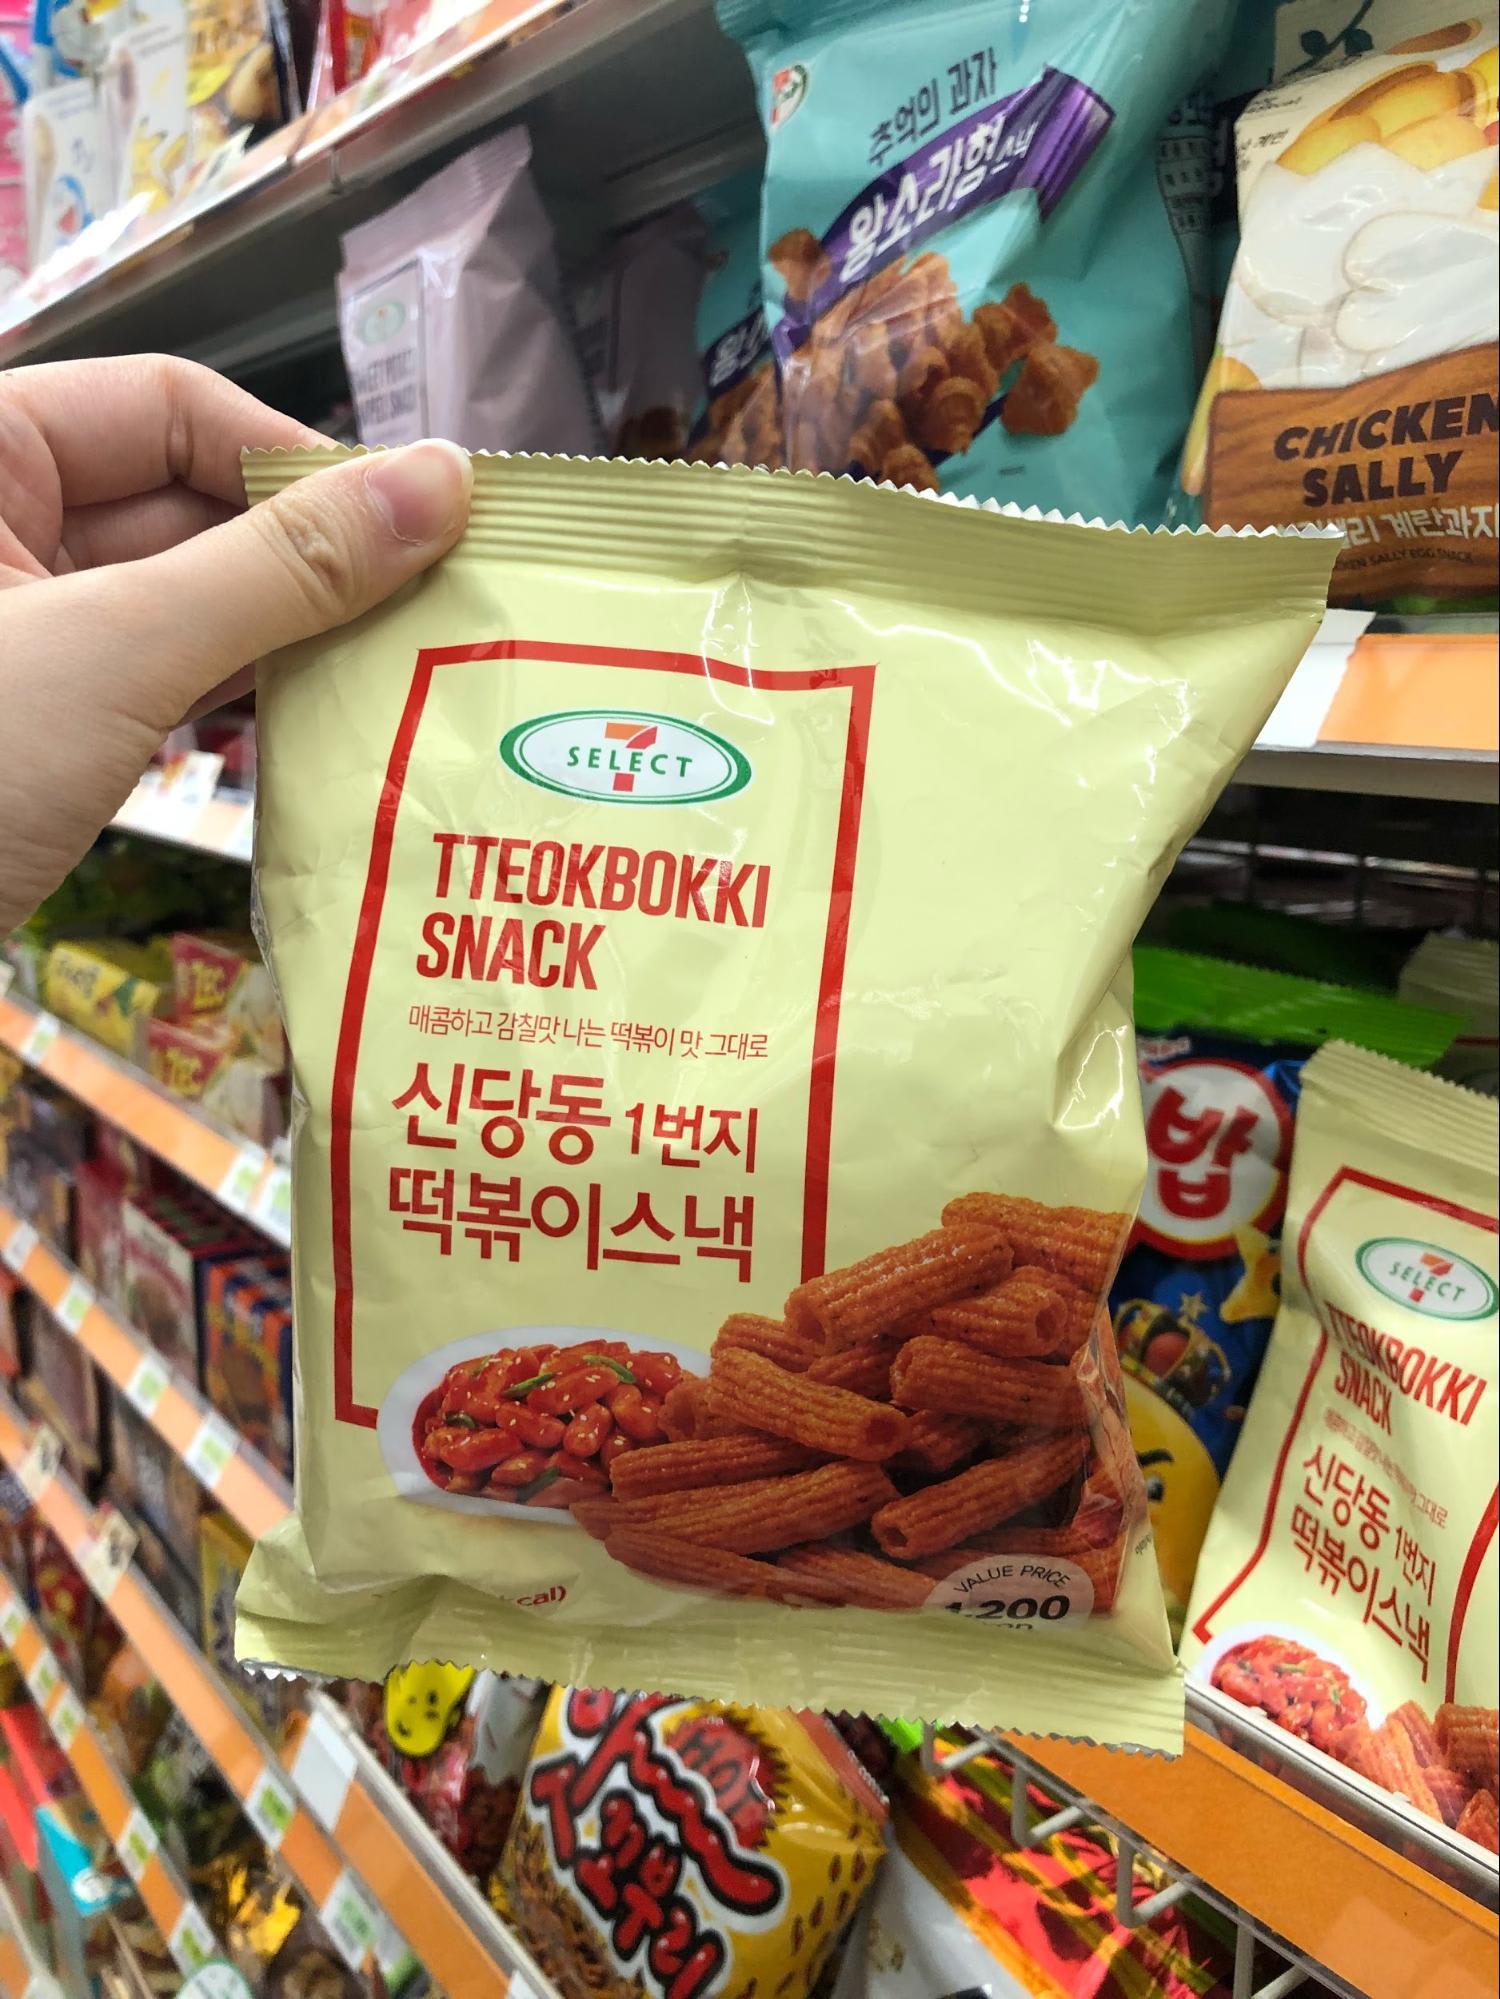 11 Rekomendasi Makanan Dan Minuman 7 11 Seoul Yang Wajib Dicoba